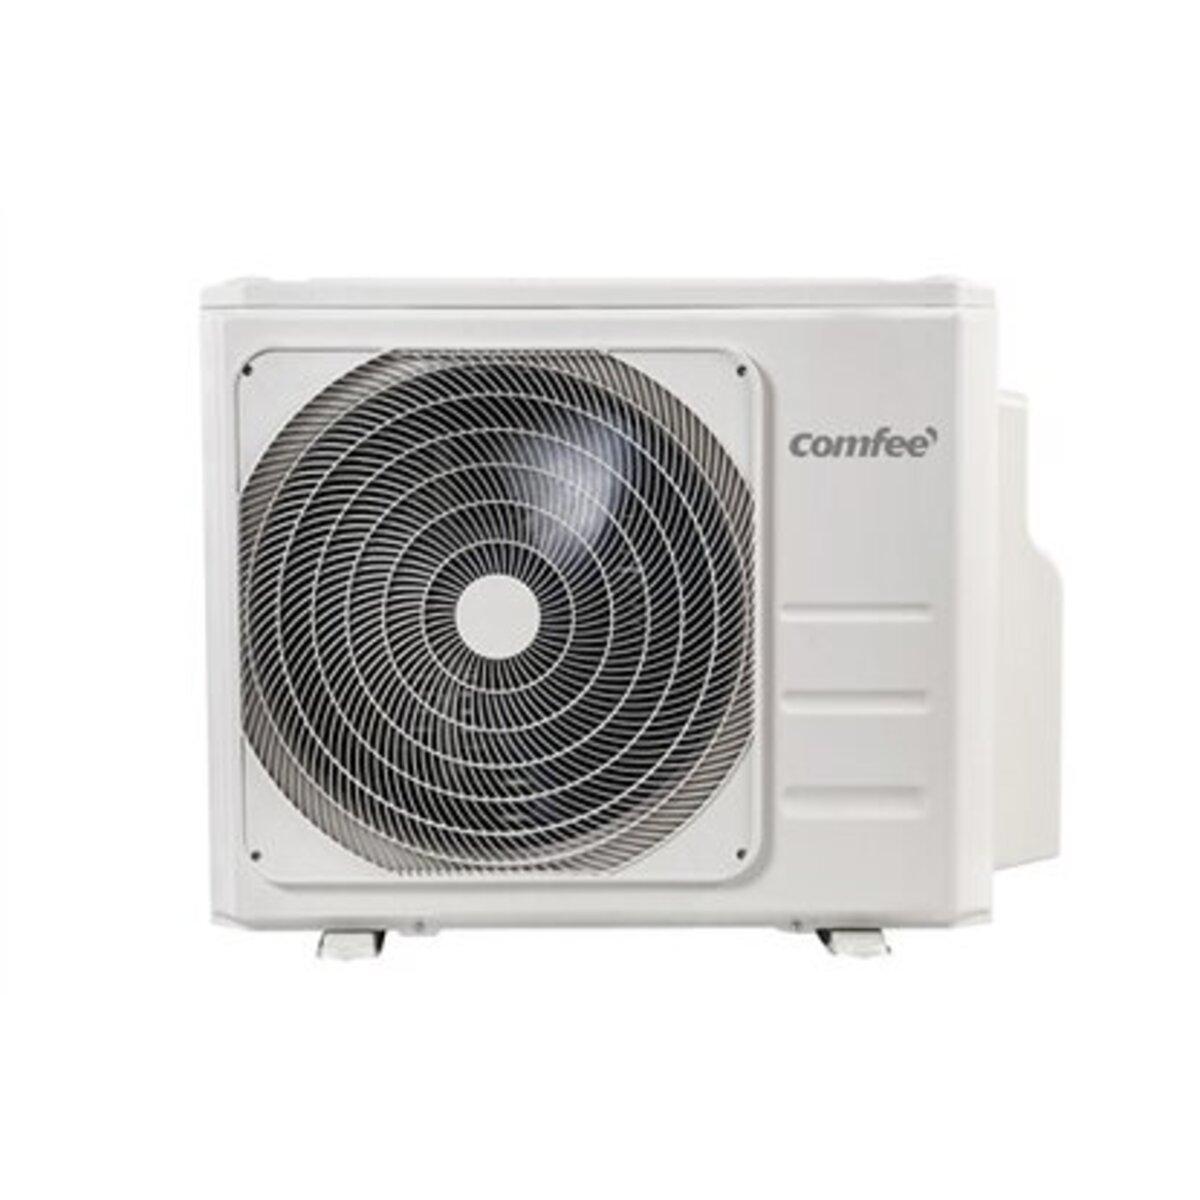 Bild 1 von Comfee Trio Split-Klimagerät 7,9 kW 24.000 BTU EEK: A++